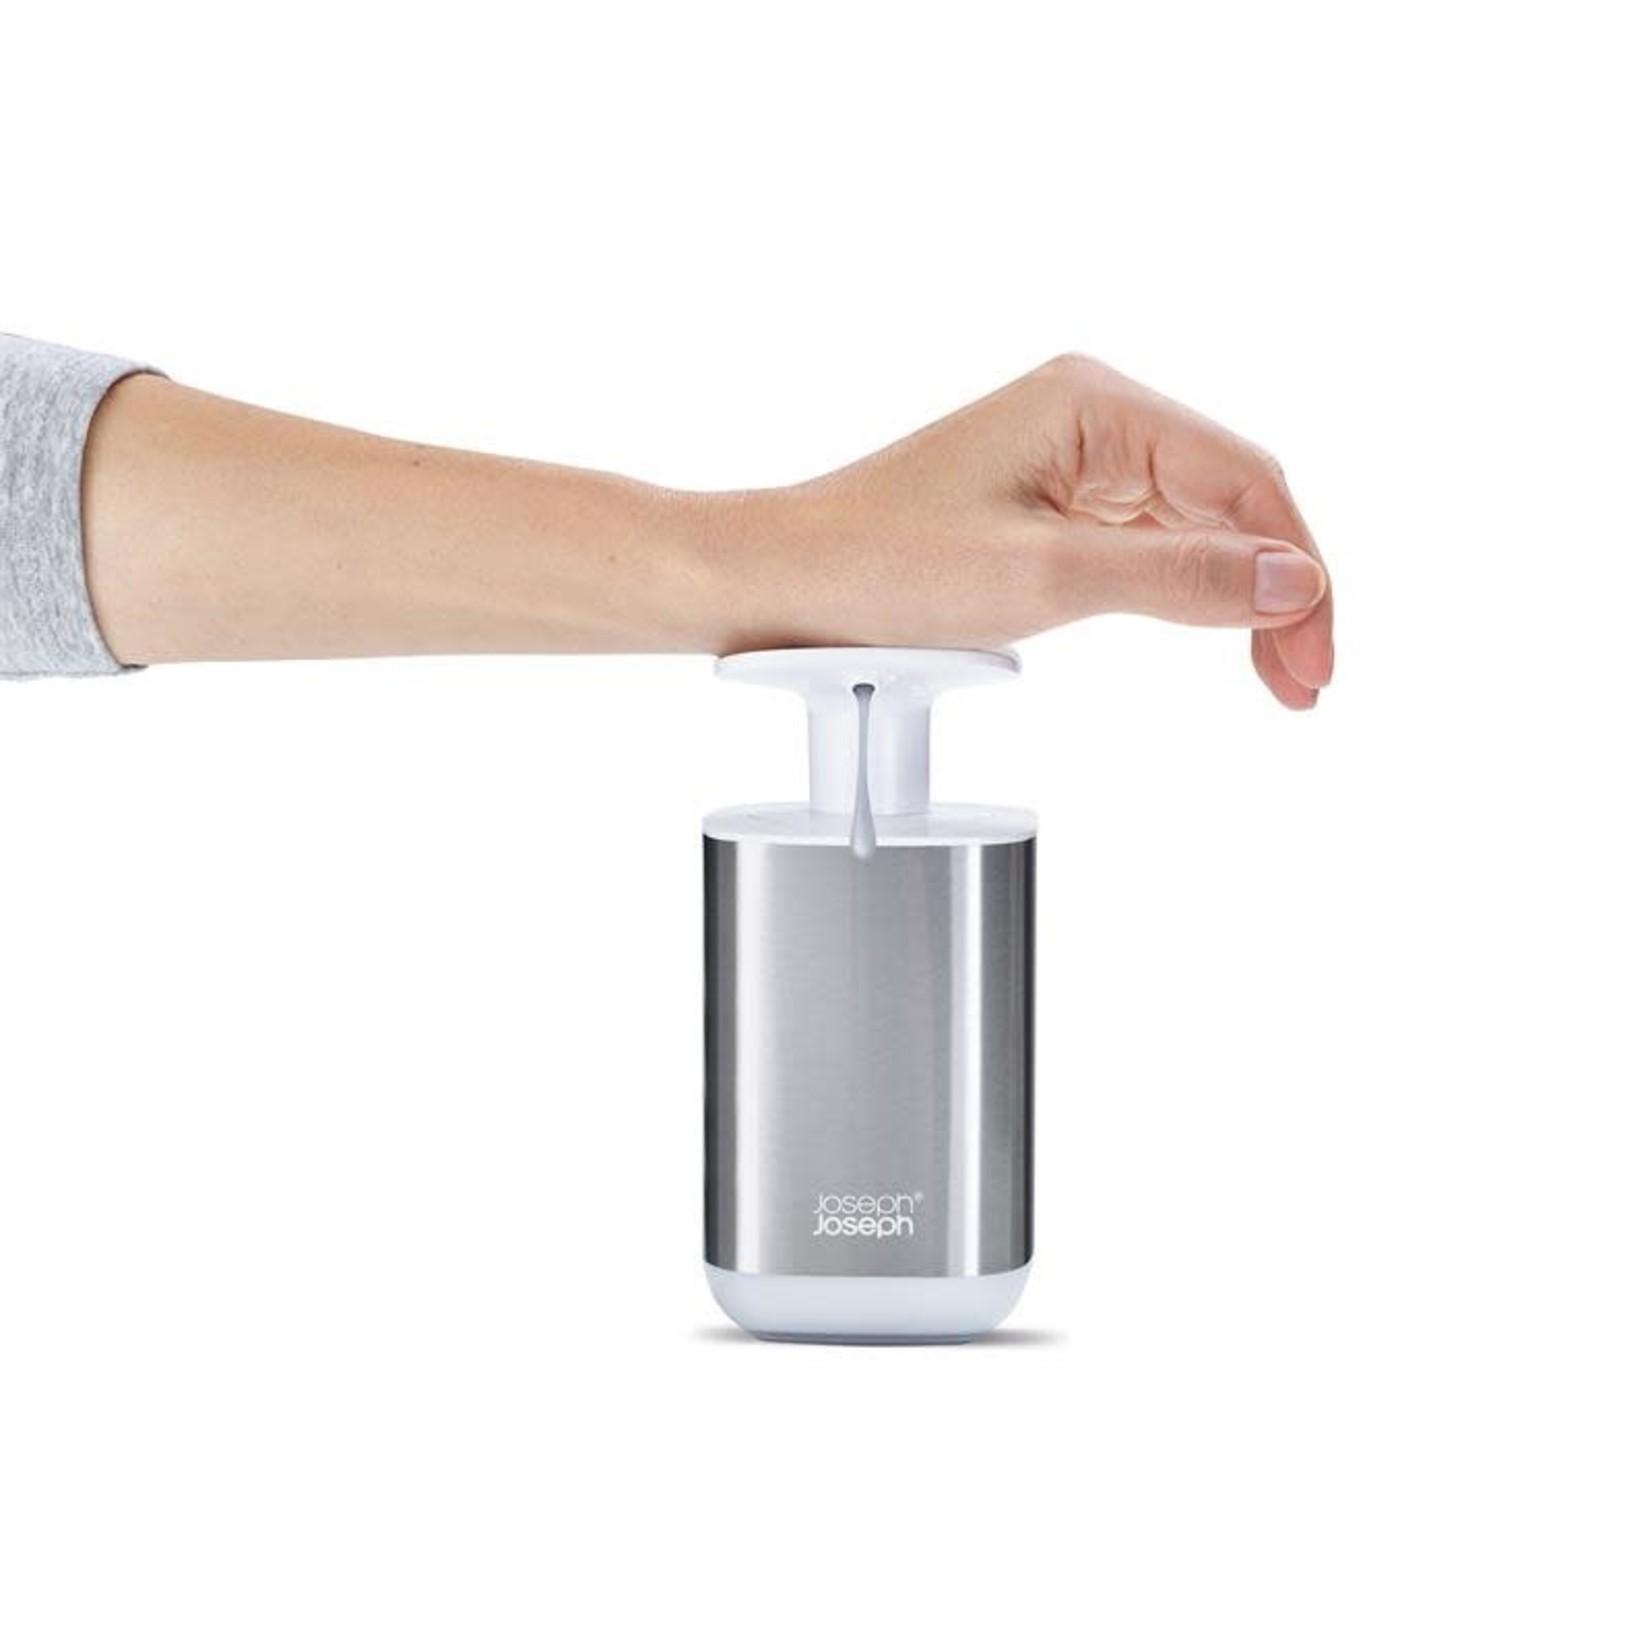 Presto Hygenic Soap Dispenser